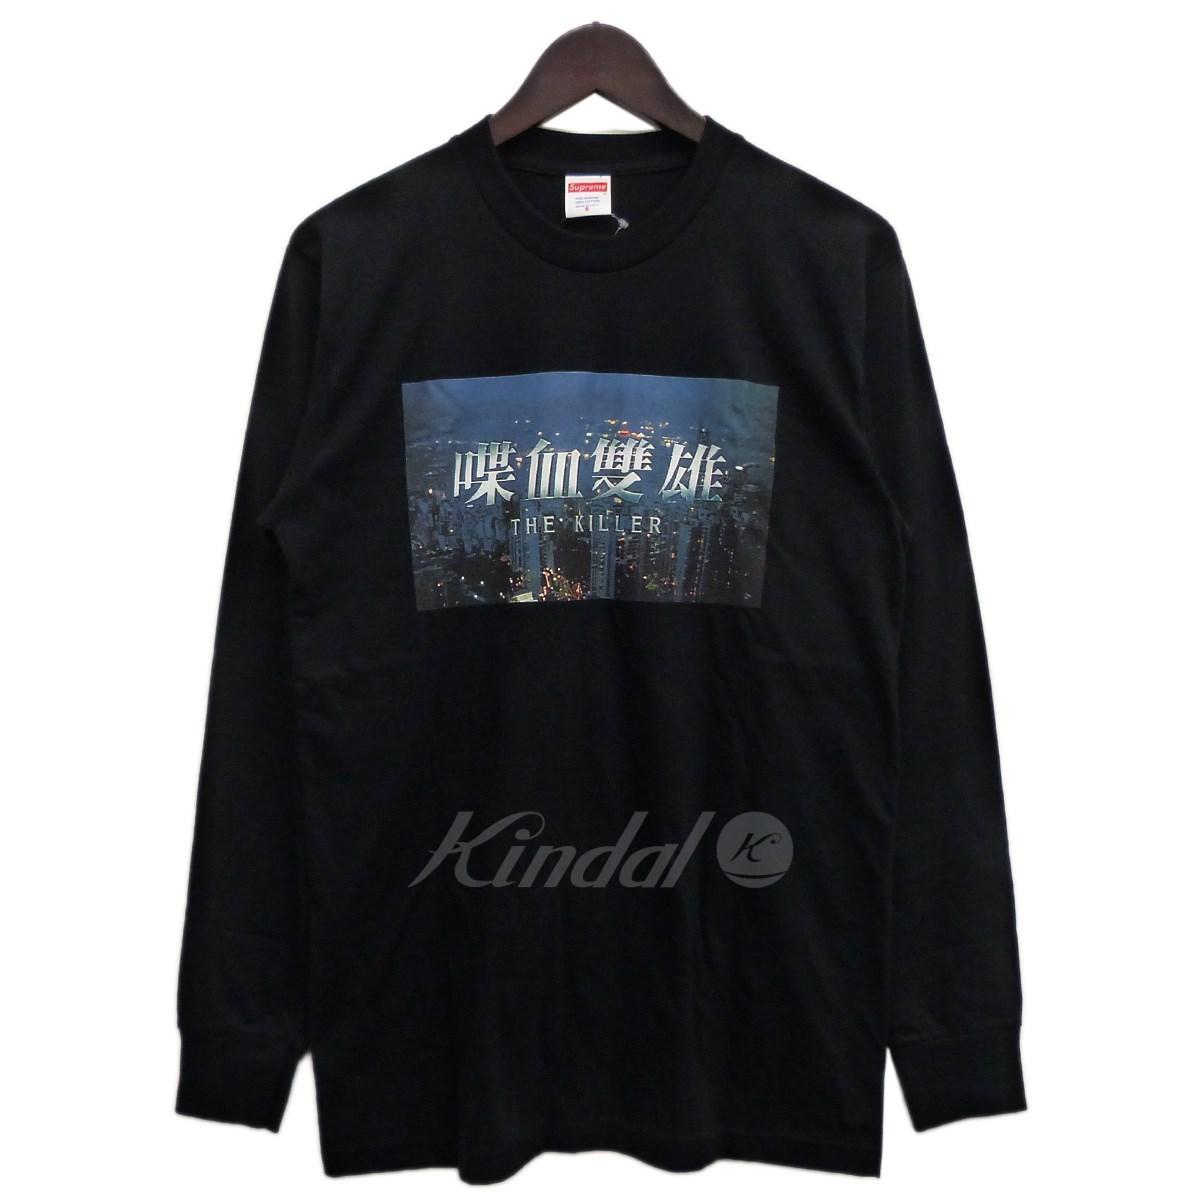 【中古】SUPREME 18AW「Killer L/S Tee」キラー長袖Tシャツ ブラック サイズ:S 【送料無料】 【091118】(シュプリーム)